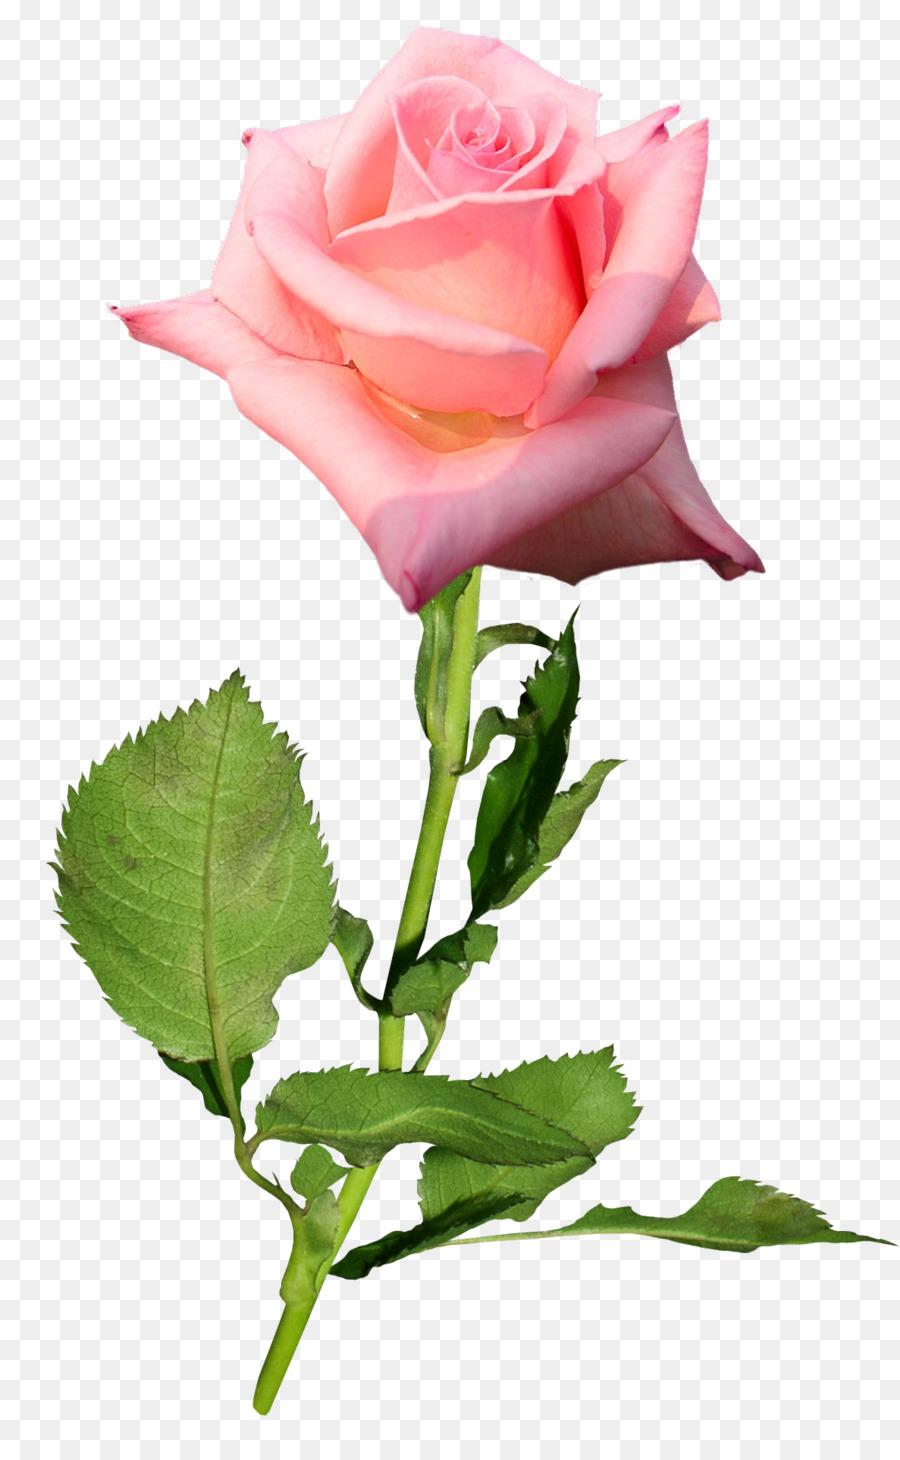 900x1460 Garden Roses Flower Hybrid Tea Rose Bud